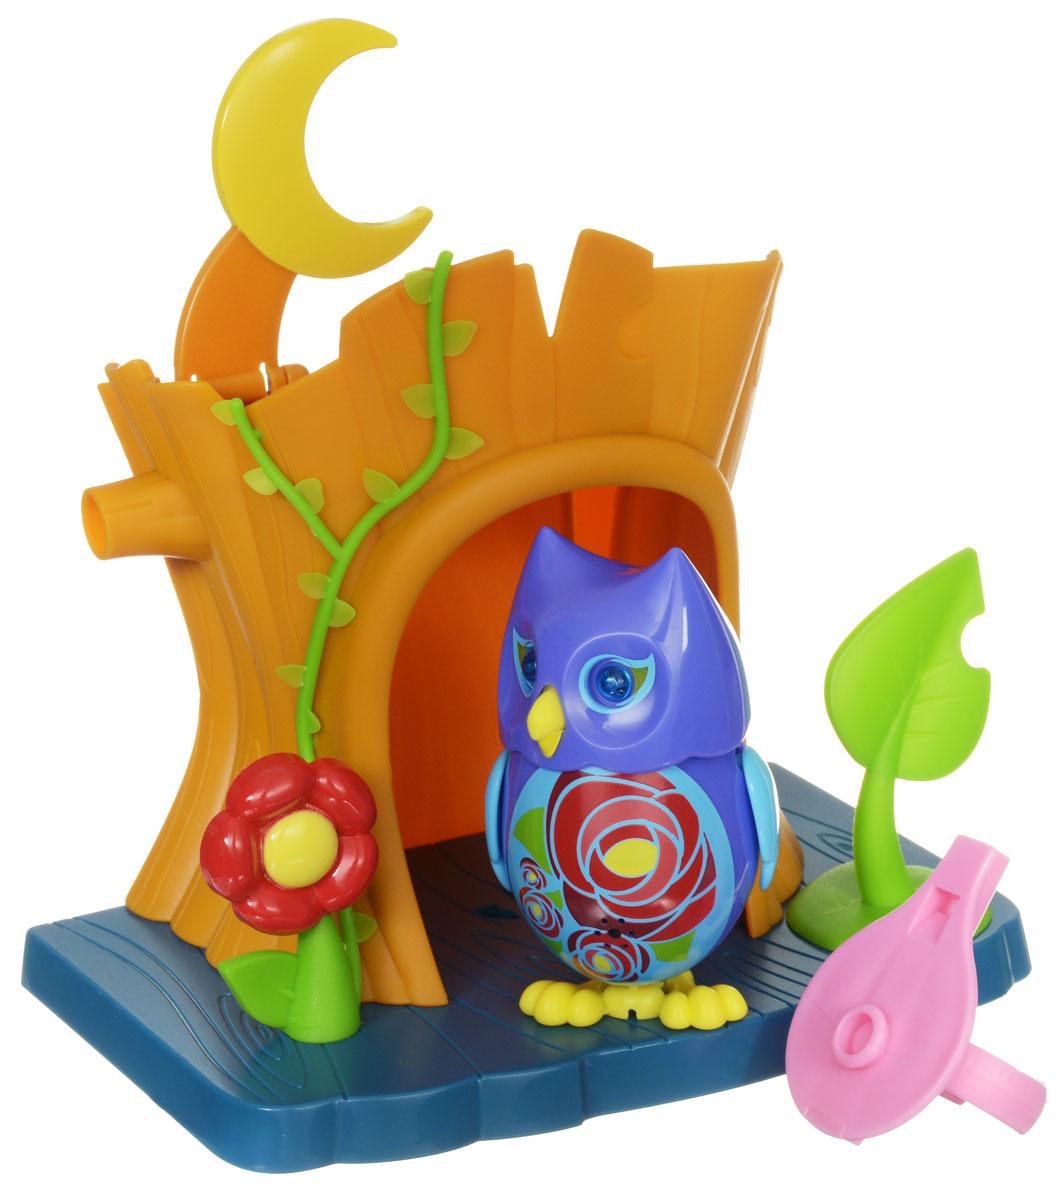 DigiFriends Интерактивная игрушка Сова с домиком цвет фиолетовый голубой digifriends интерактивная игрушка пингвин с кольцом цвет фиолетовый